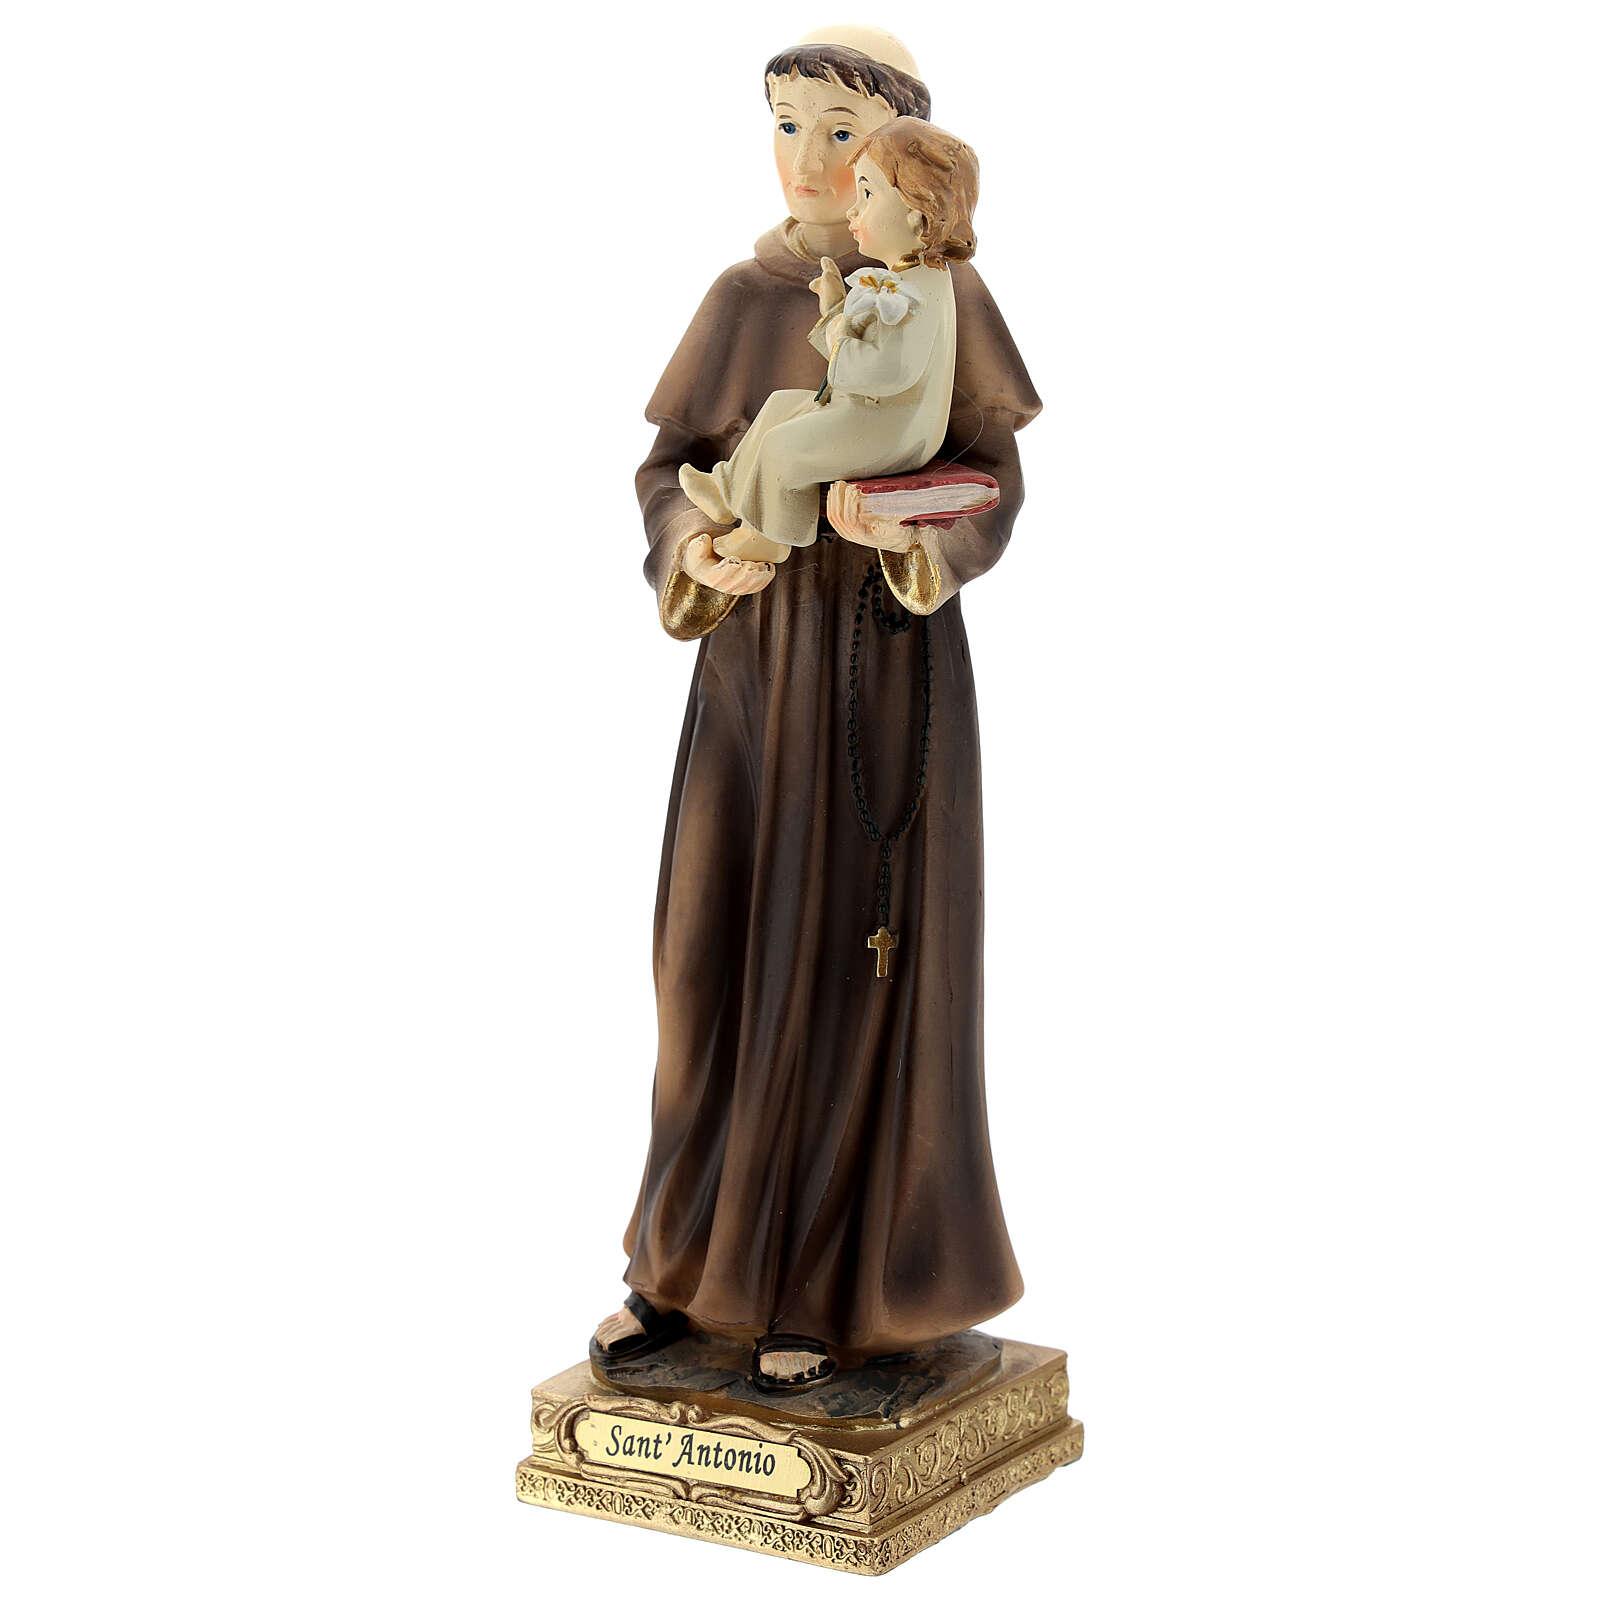 Sant'Antonio da Padova gigli Bambino statua resina 22 cm 4